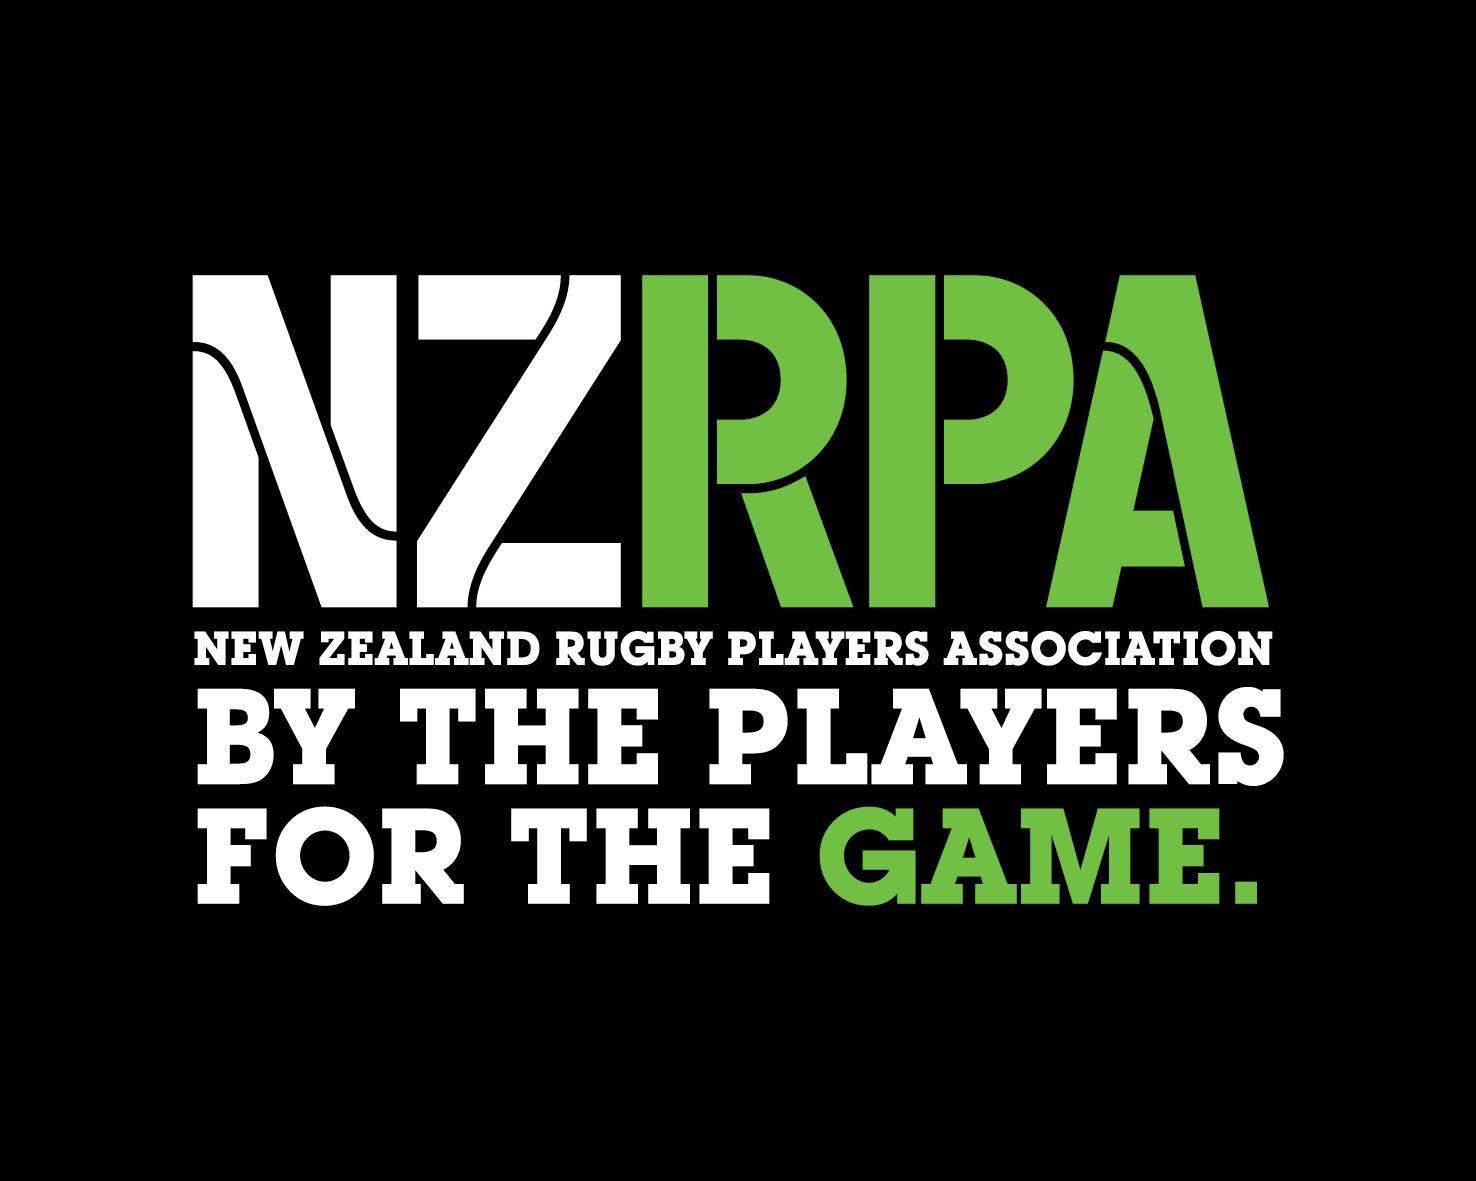 NZRPA